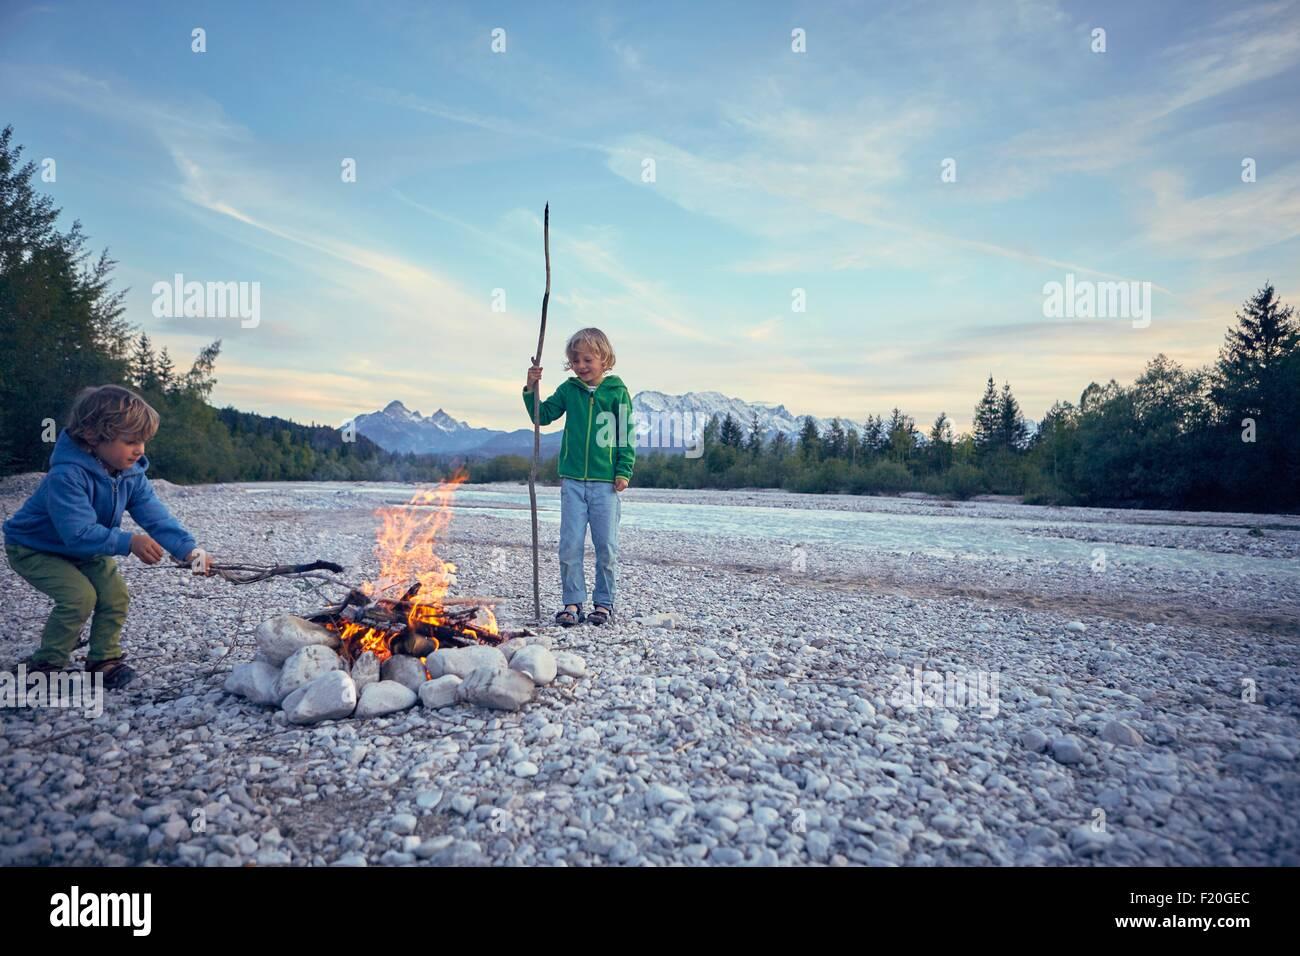 Los muchachos metiendo fogata con palos, Wallgau, Baviera, Alemania Imagen De Stock